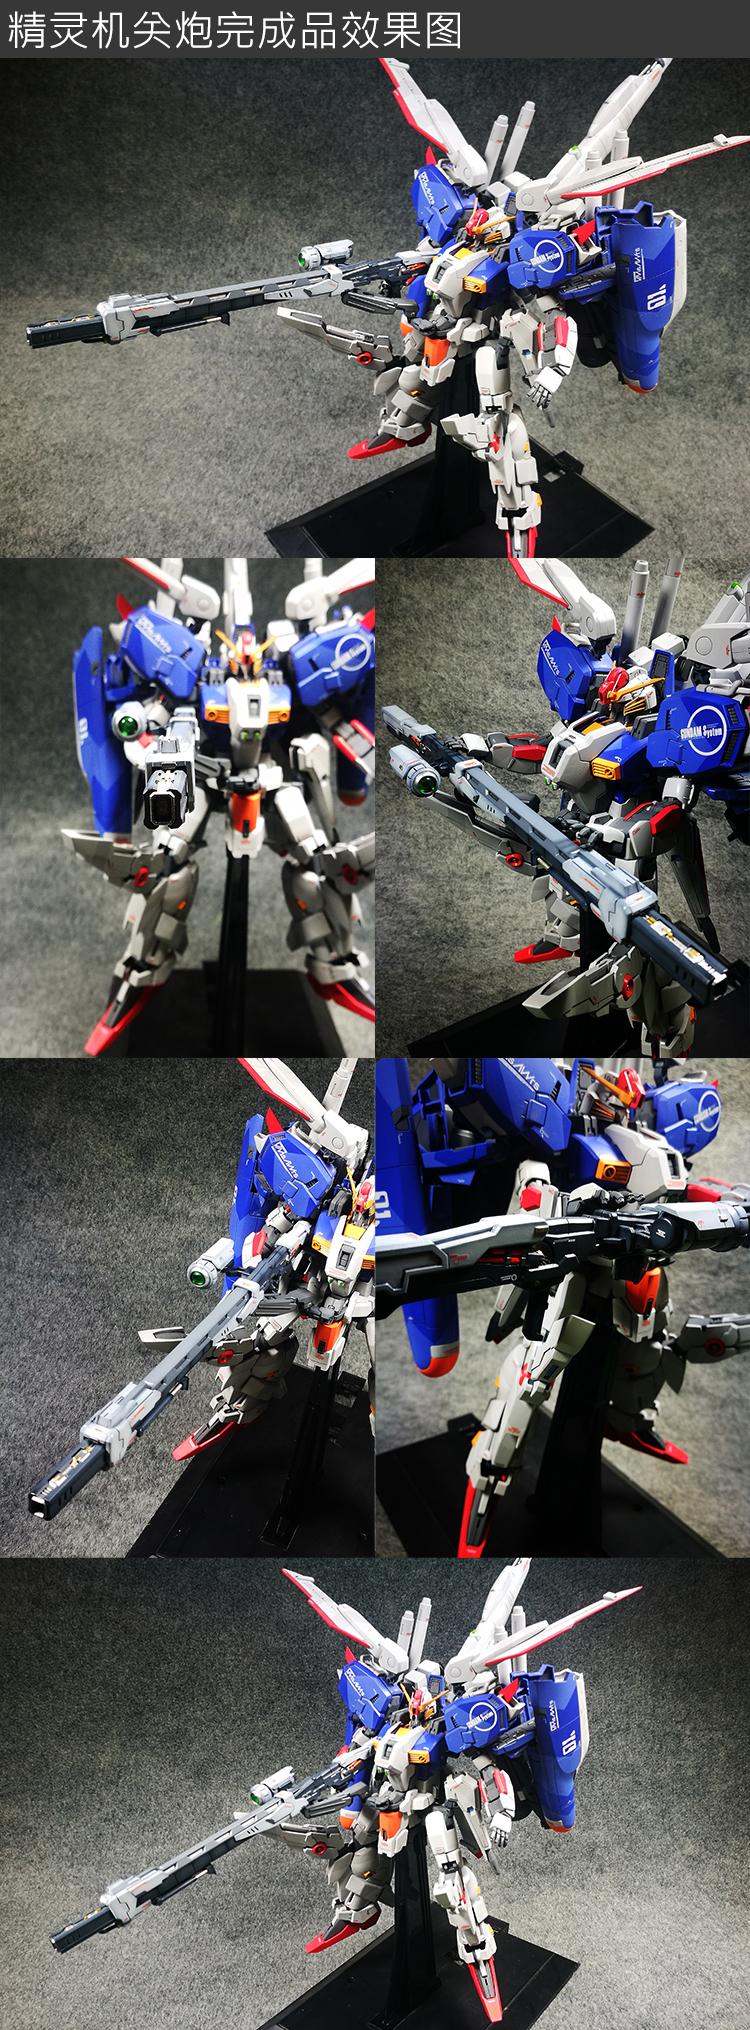 mw-rw-004-20.jpg